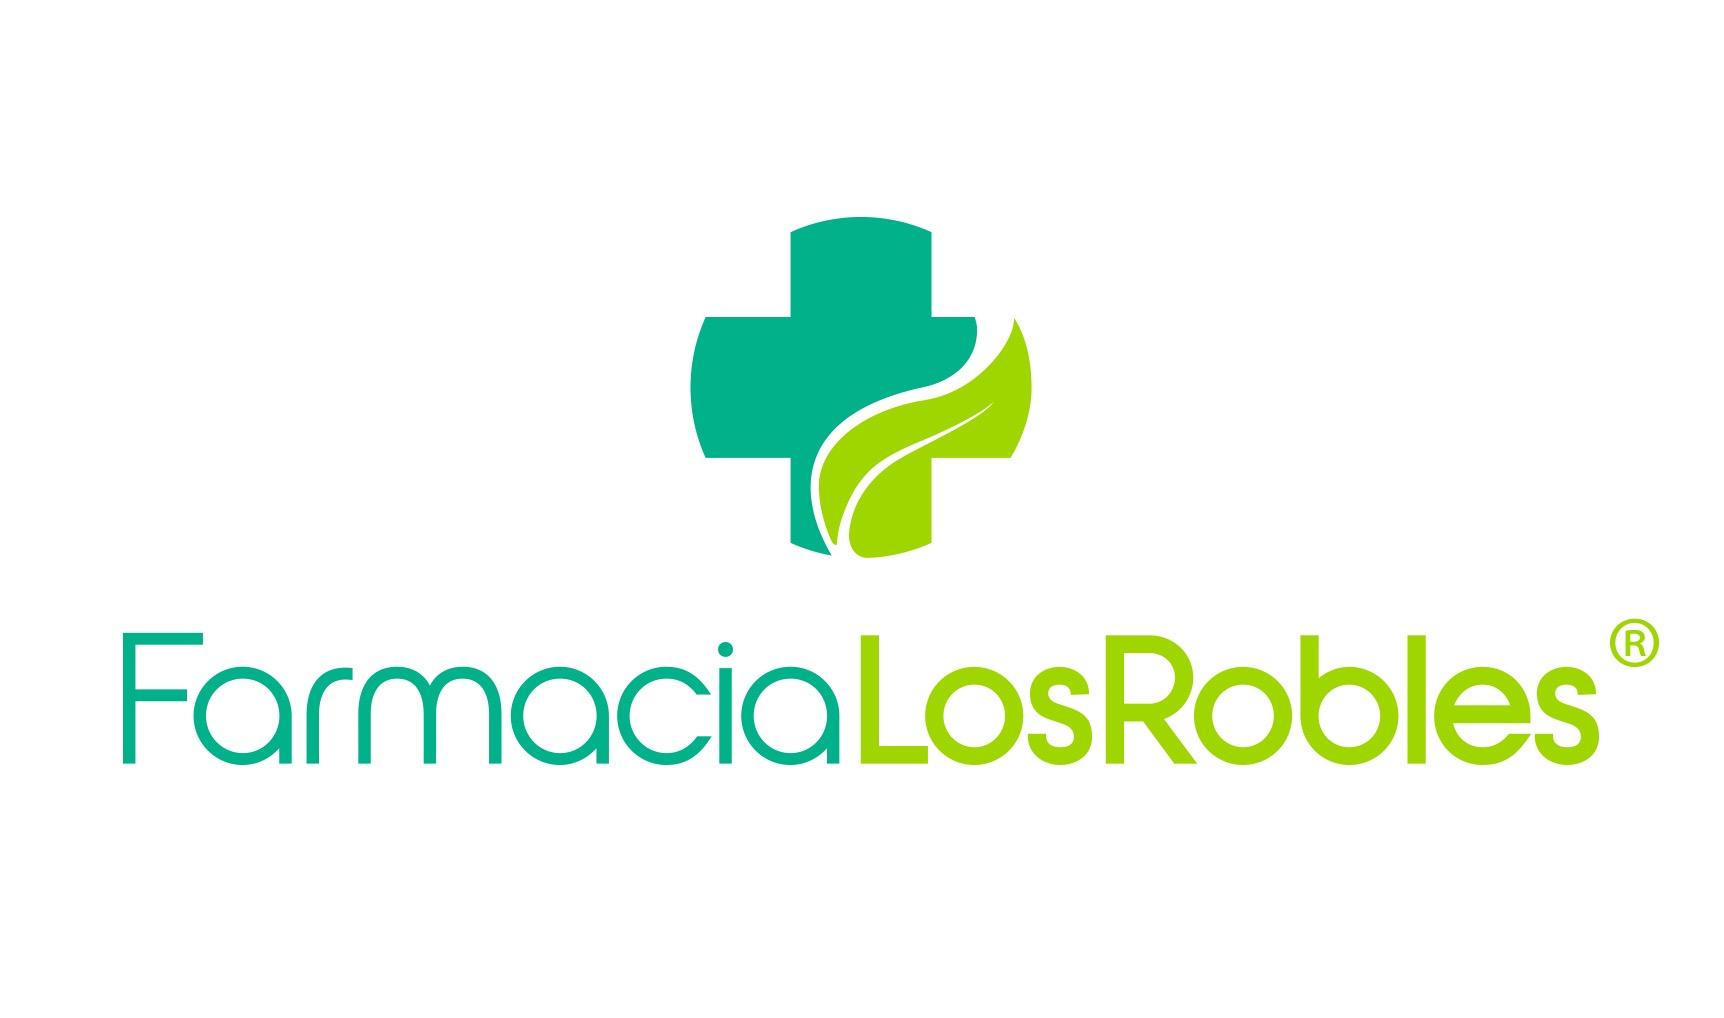 Farmacia Los Robles